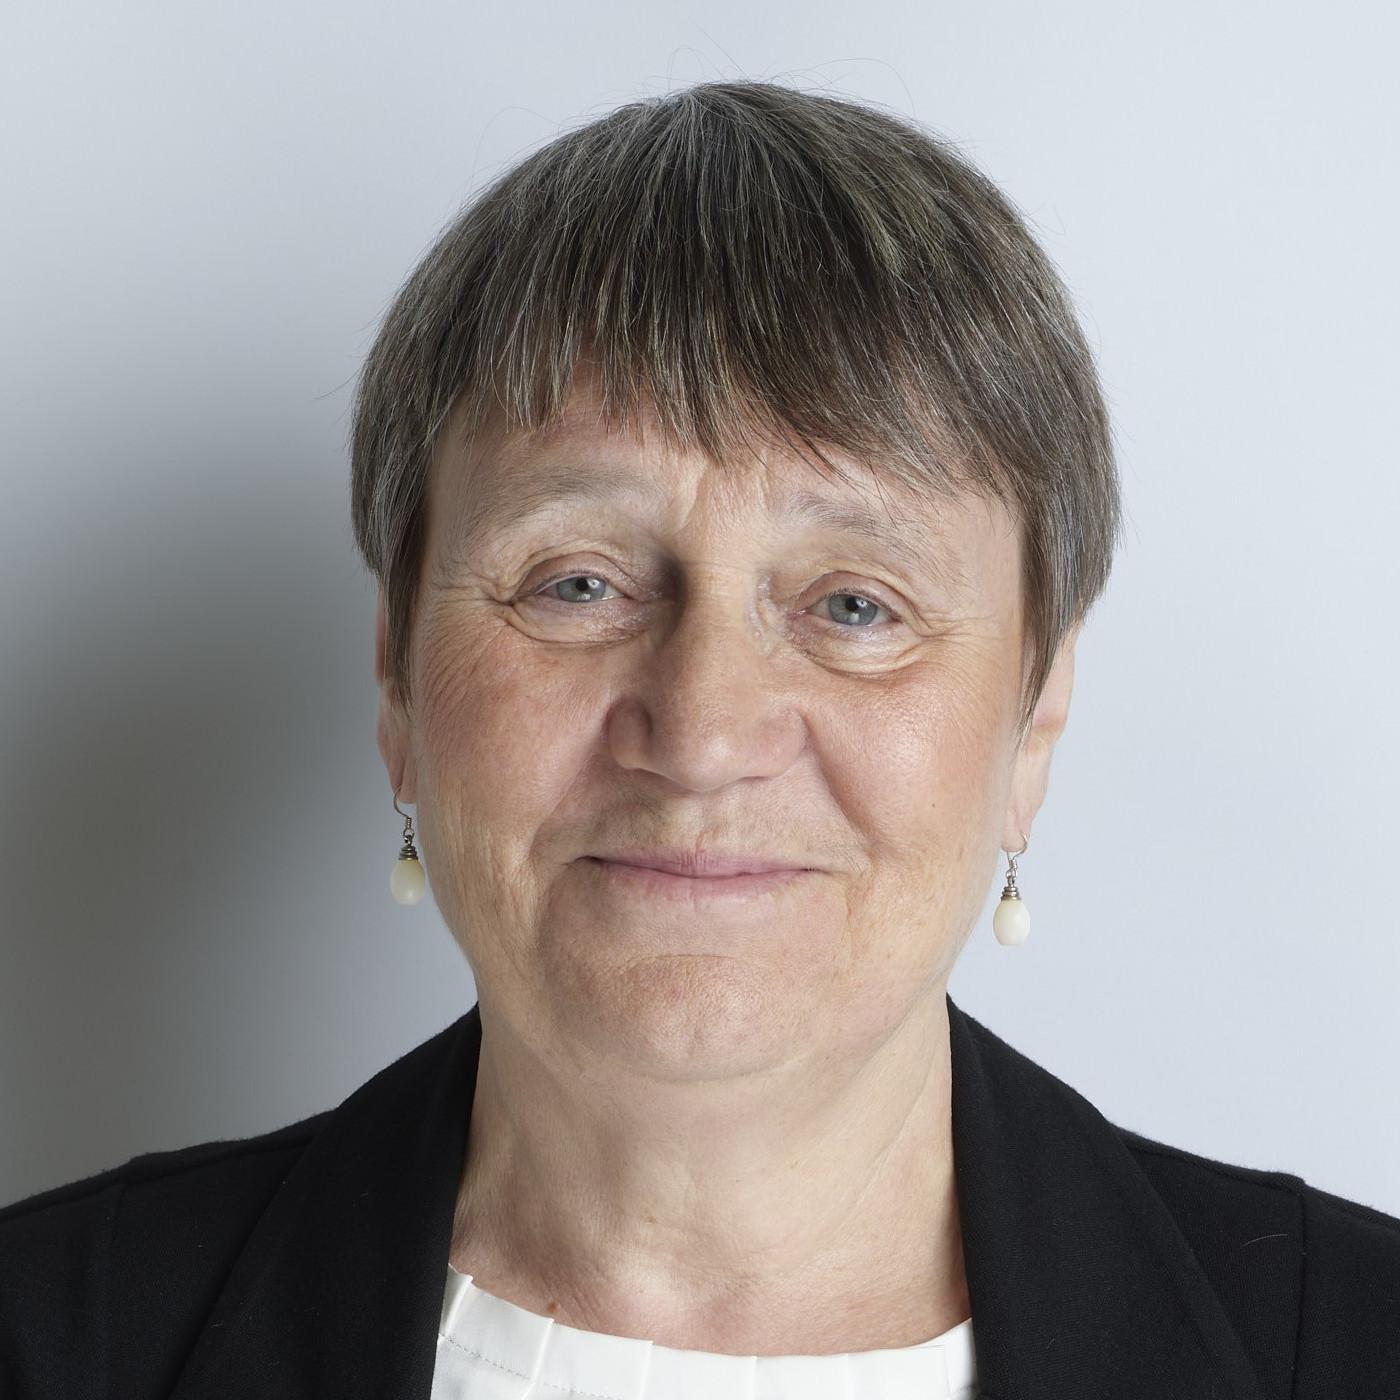 Anna Šabatová Profile Image